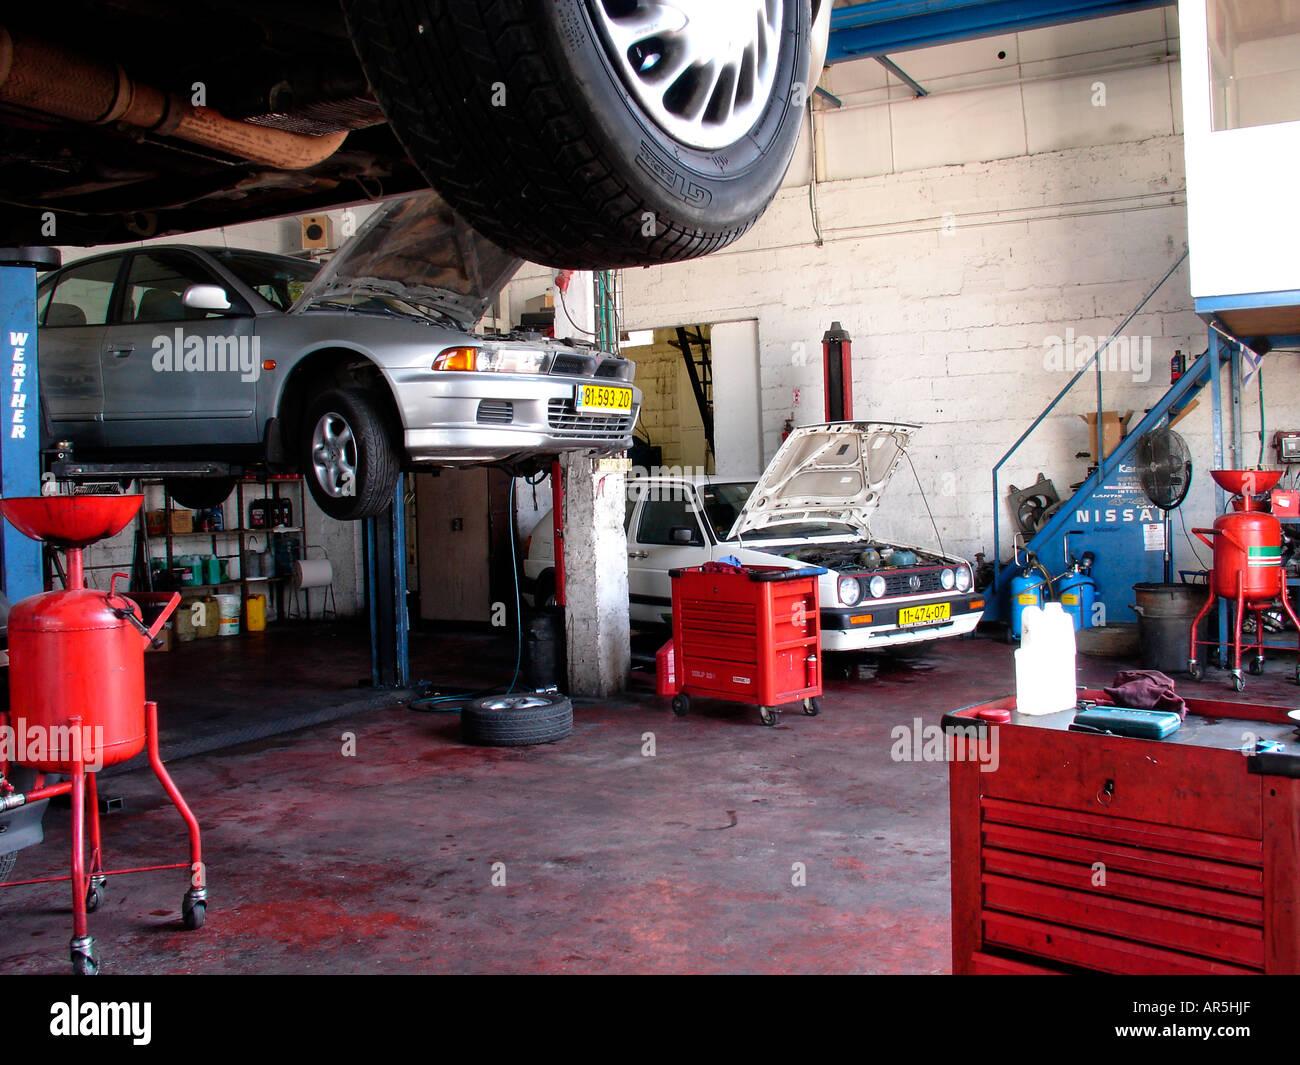 Garage Interior Workshop Stock Photos & Garage Interior